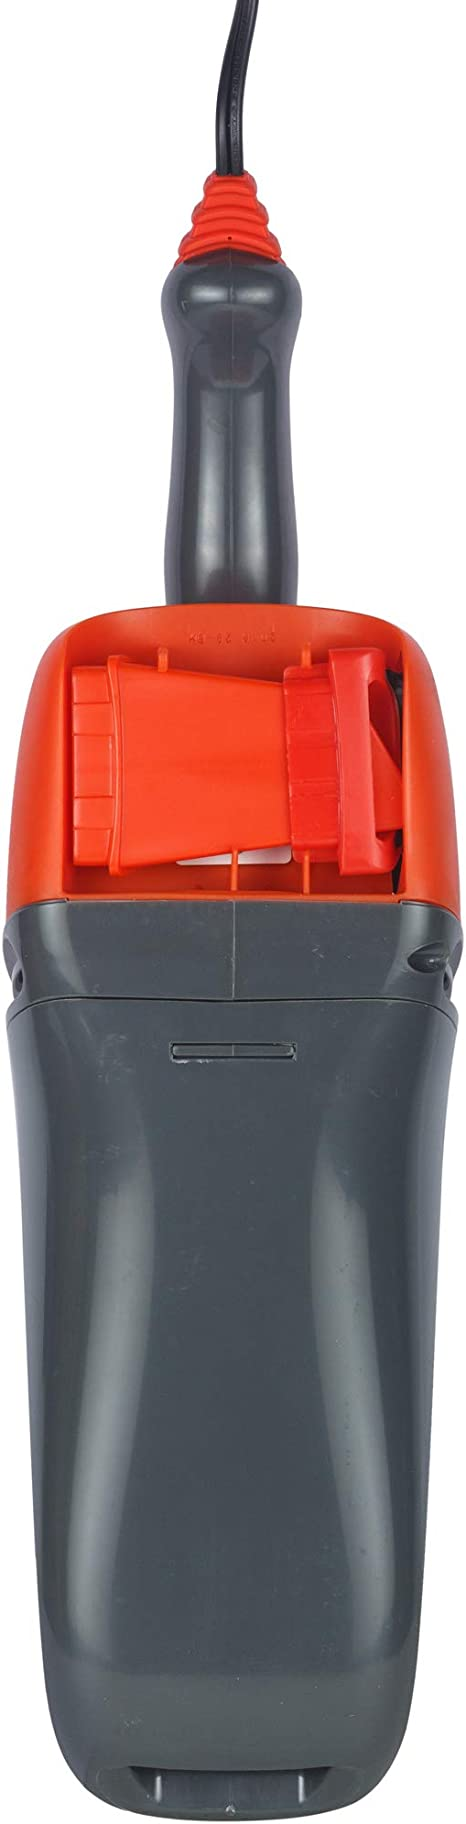 Black+Decker AV1205 - Aspirador de Mano Coche, Depósito 286 ml, Adaptador Mechero, 12 V, Color Gris y Naranja: Amazon.es: Coche y moto